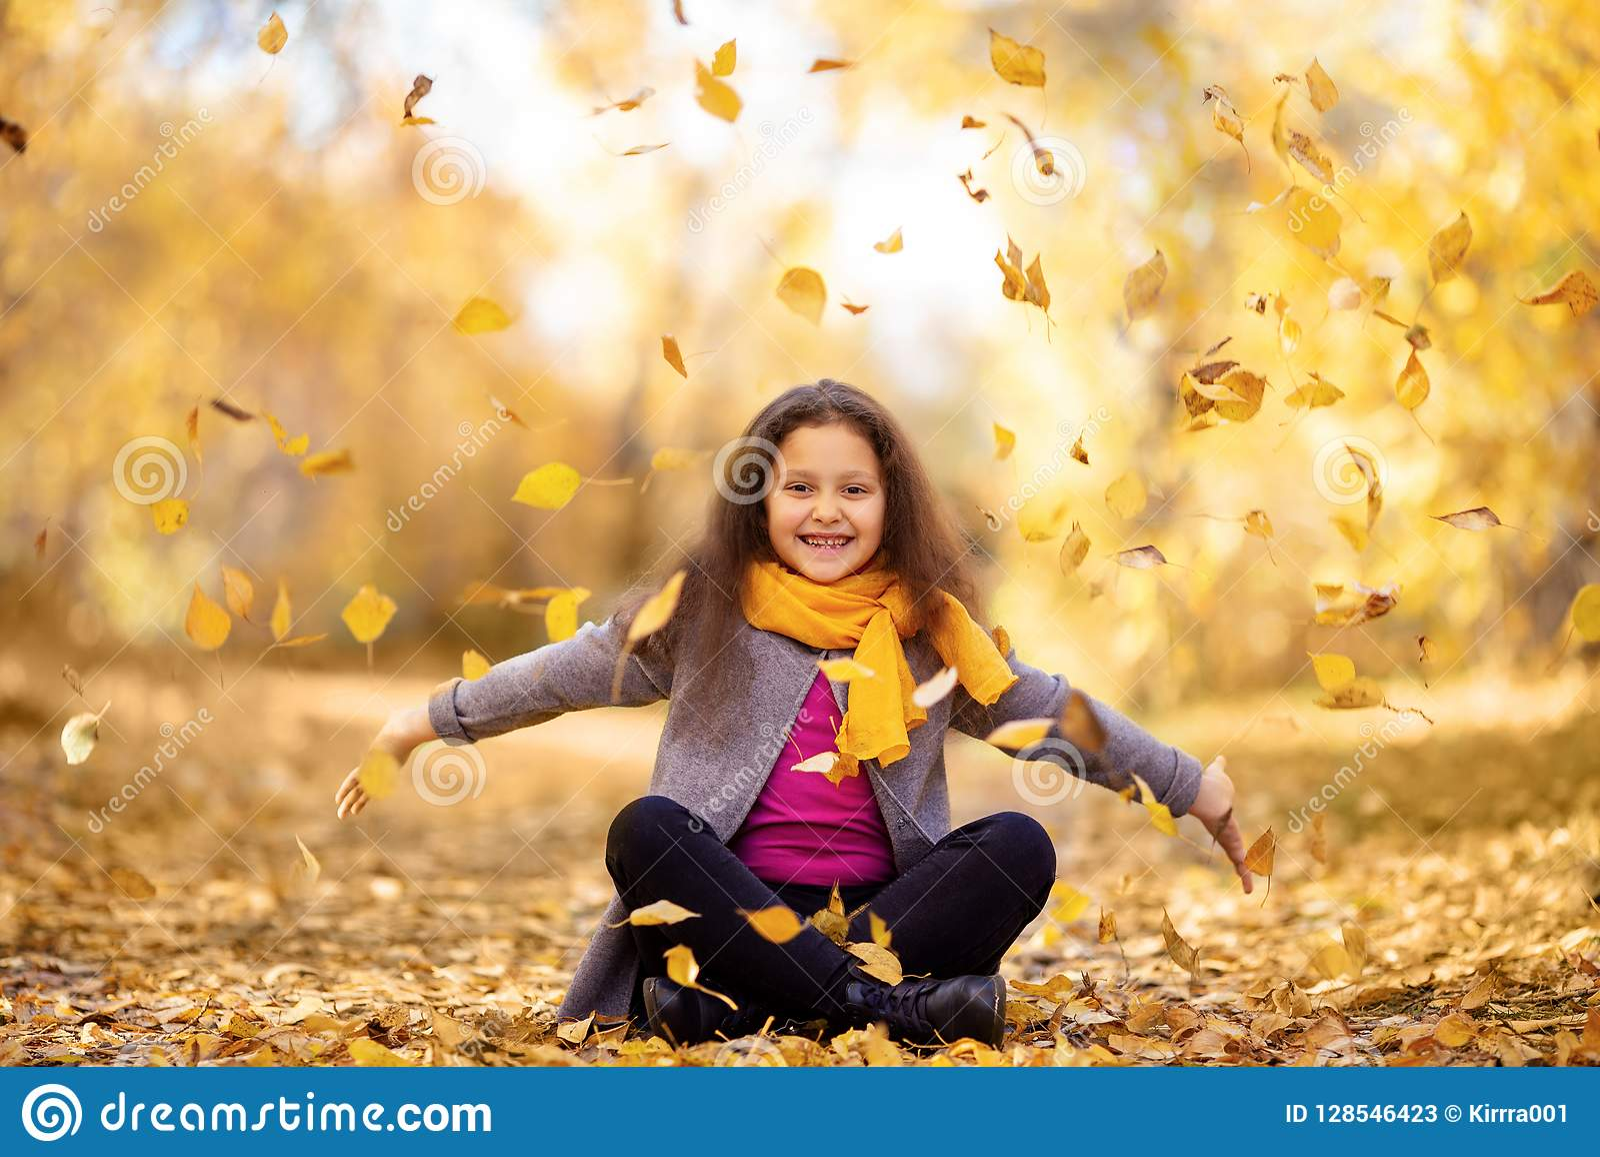 Ein glückliches Mädchen geht in den Herbstwald